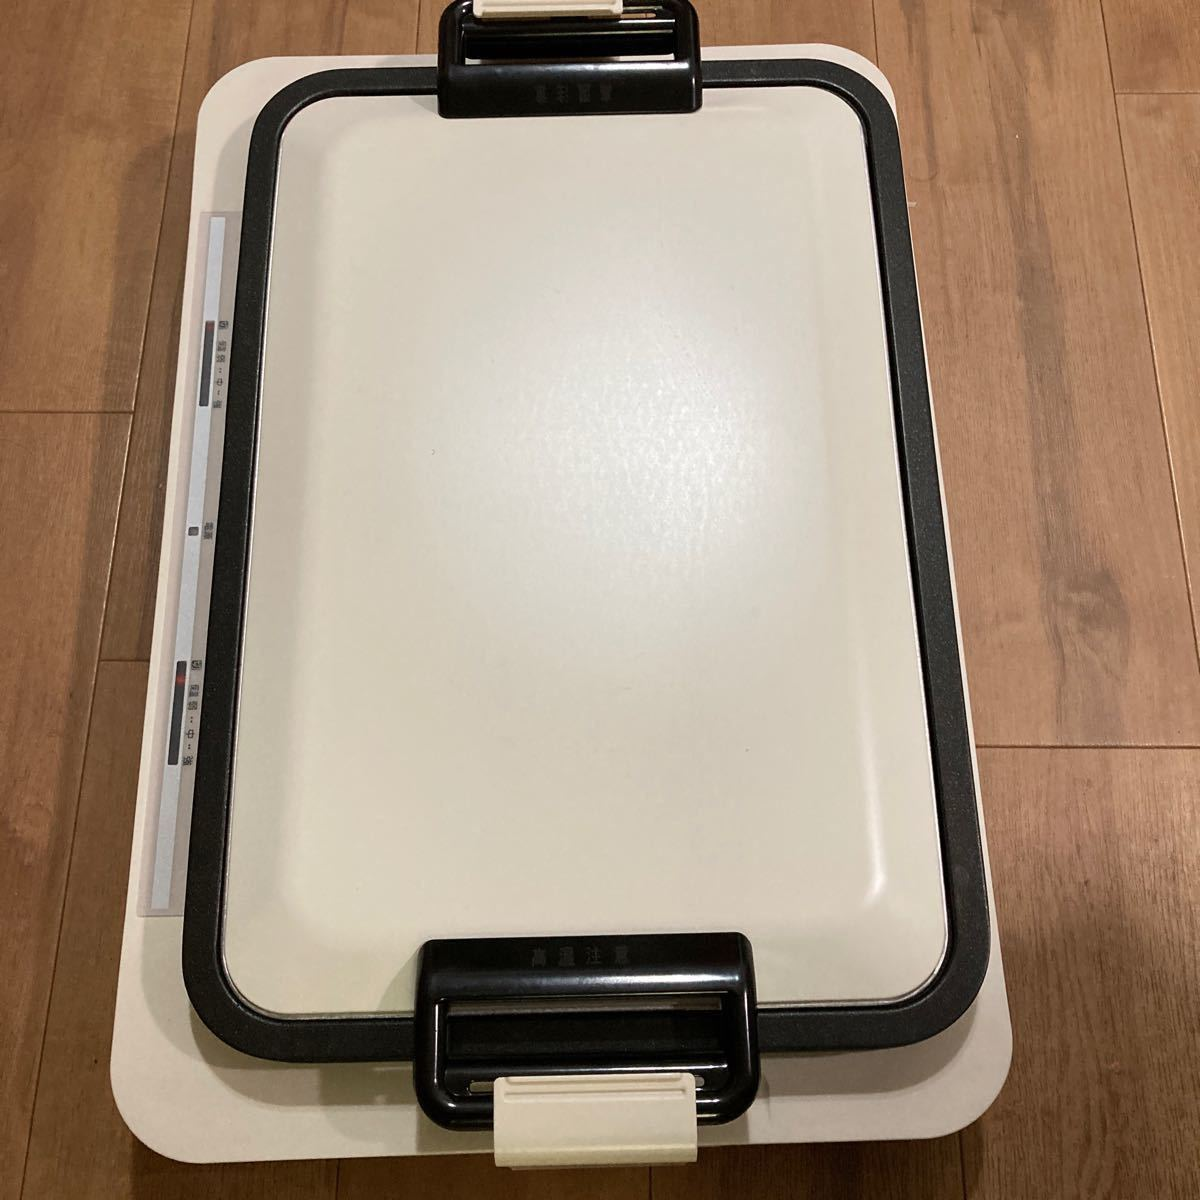 ホットプレート 焼肉 おしゃれ アイリスオーヤマ コンパクト 安い 大きい 左右温度調整 2枚 WHP-012